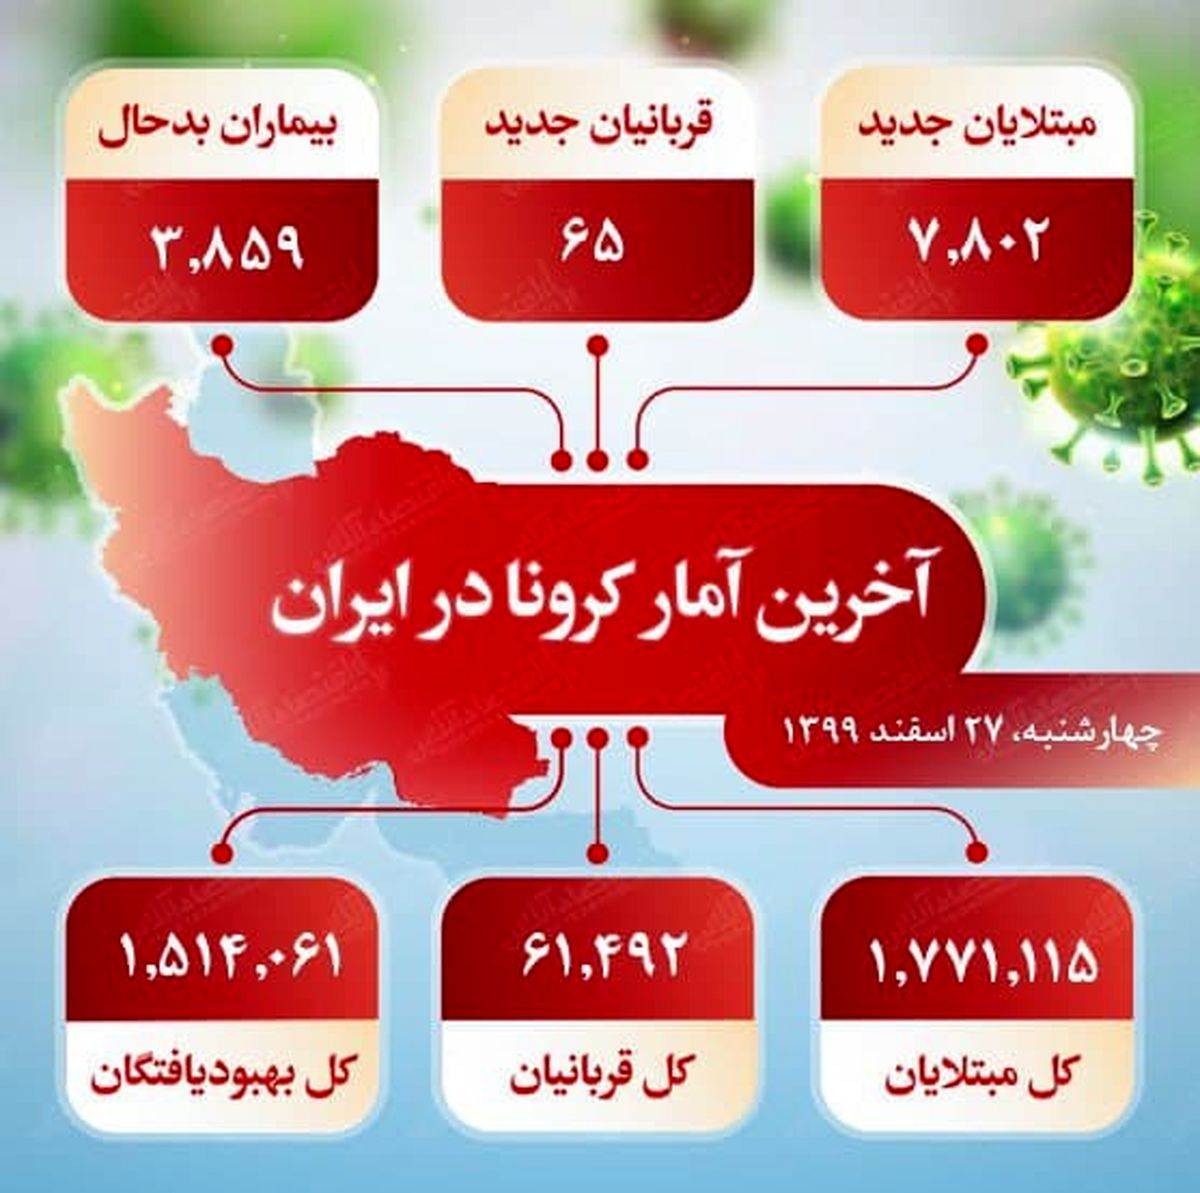 آخرین آمار کرونا در ایران (۹۹/۱۲/۲۷)